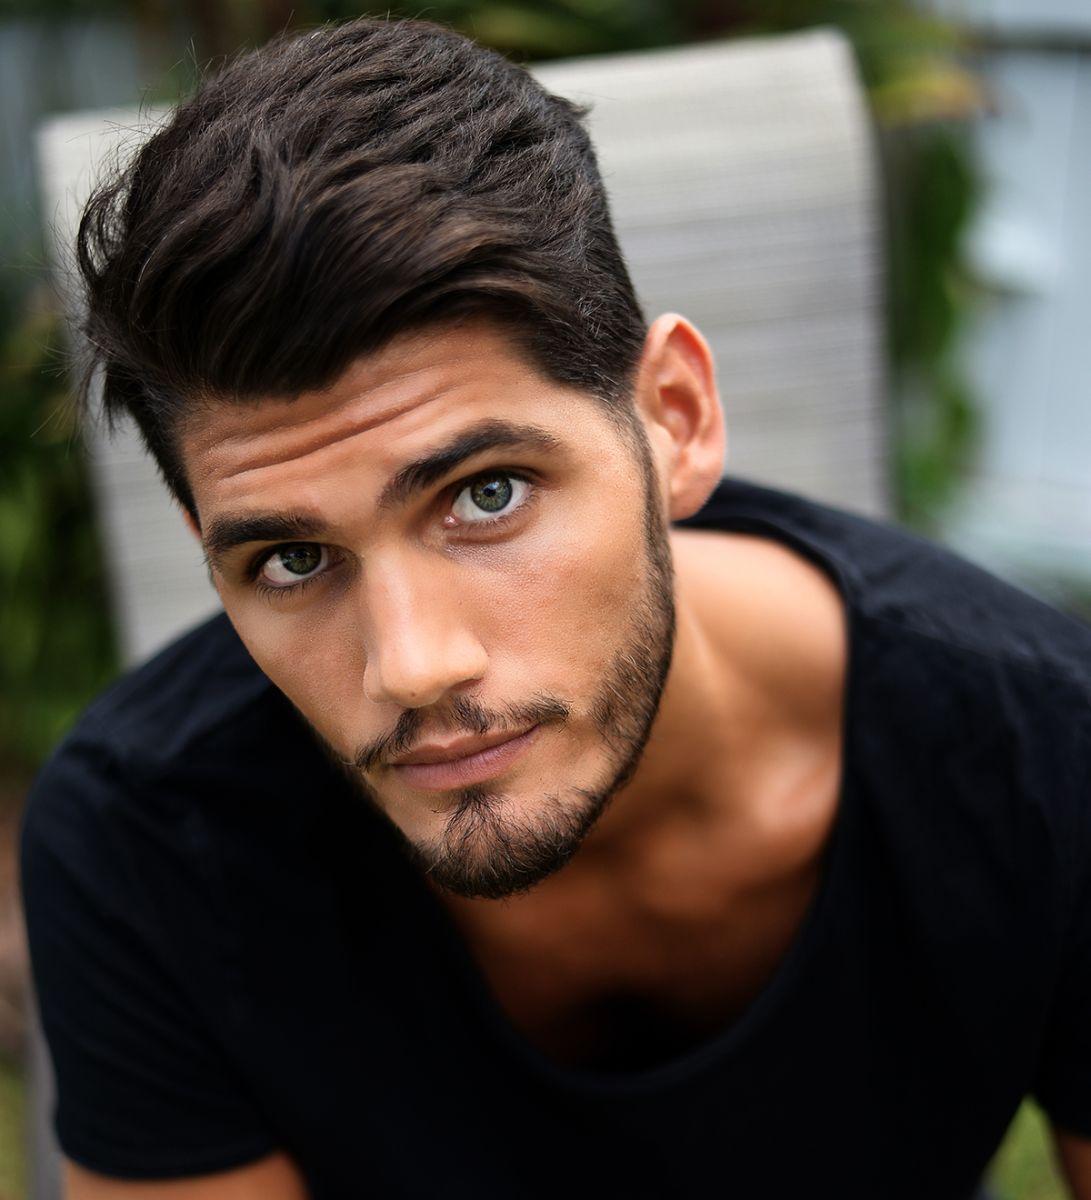 Mira las sexy fotos del periodista deportivo Juan Ignacio Riquelme